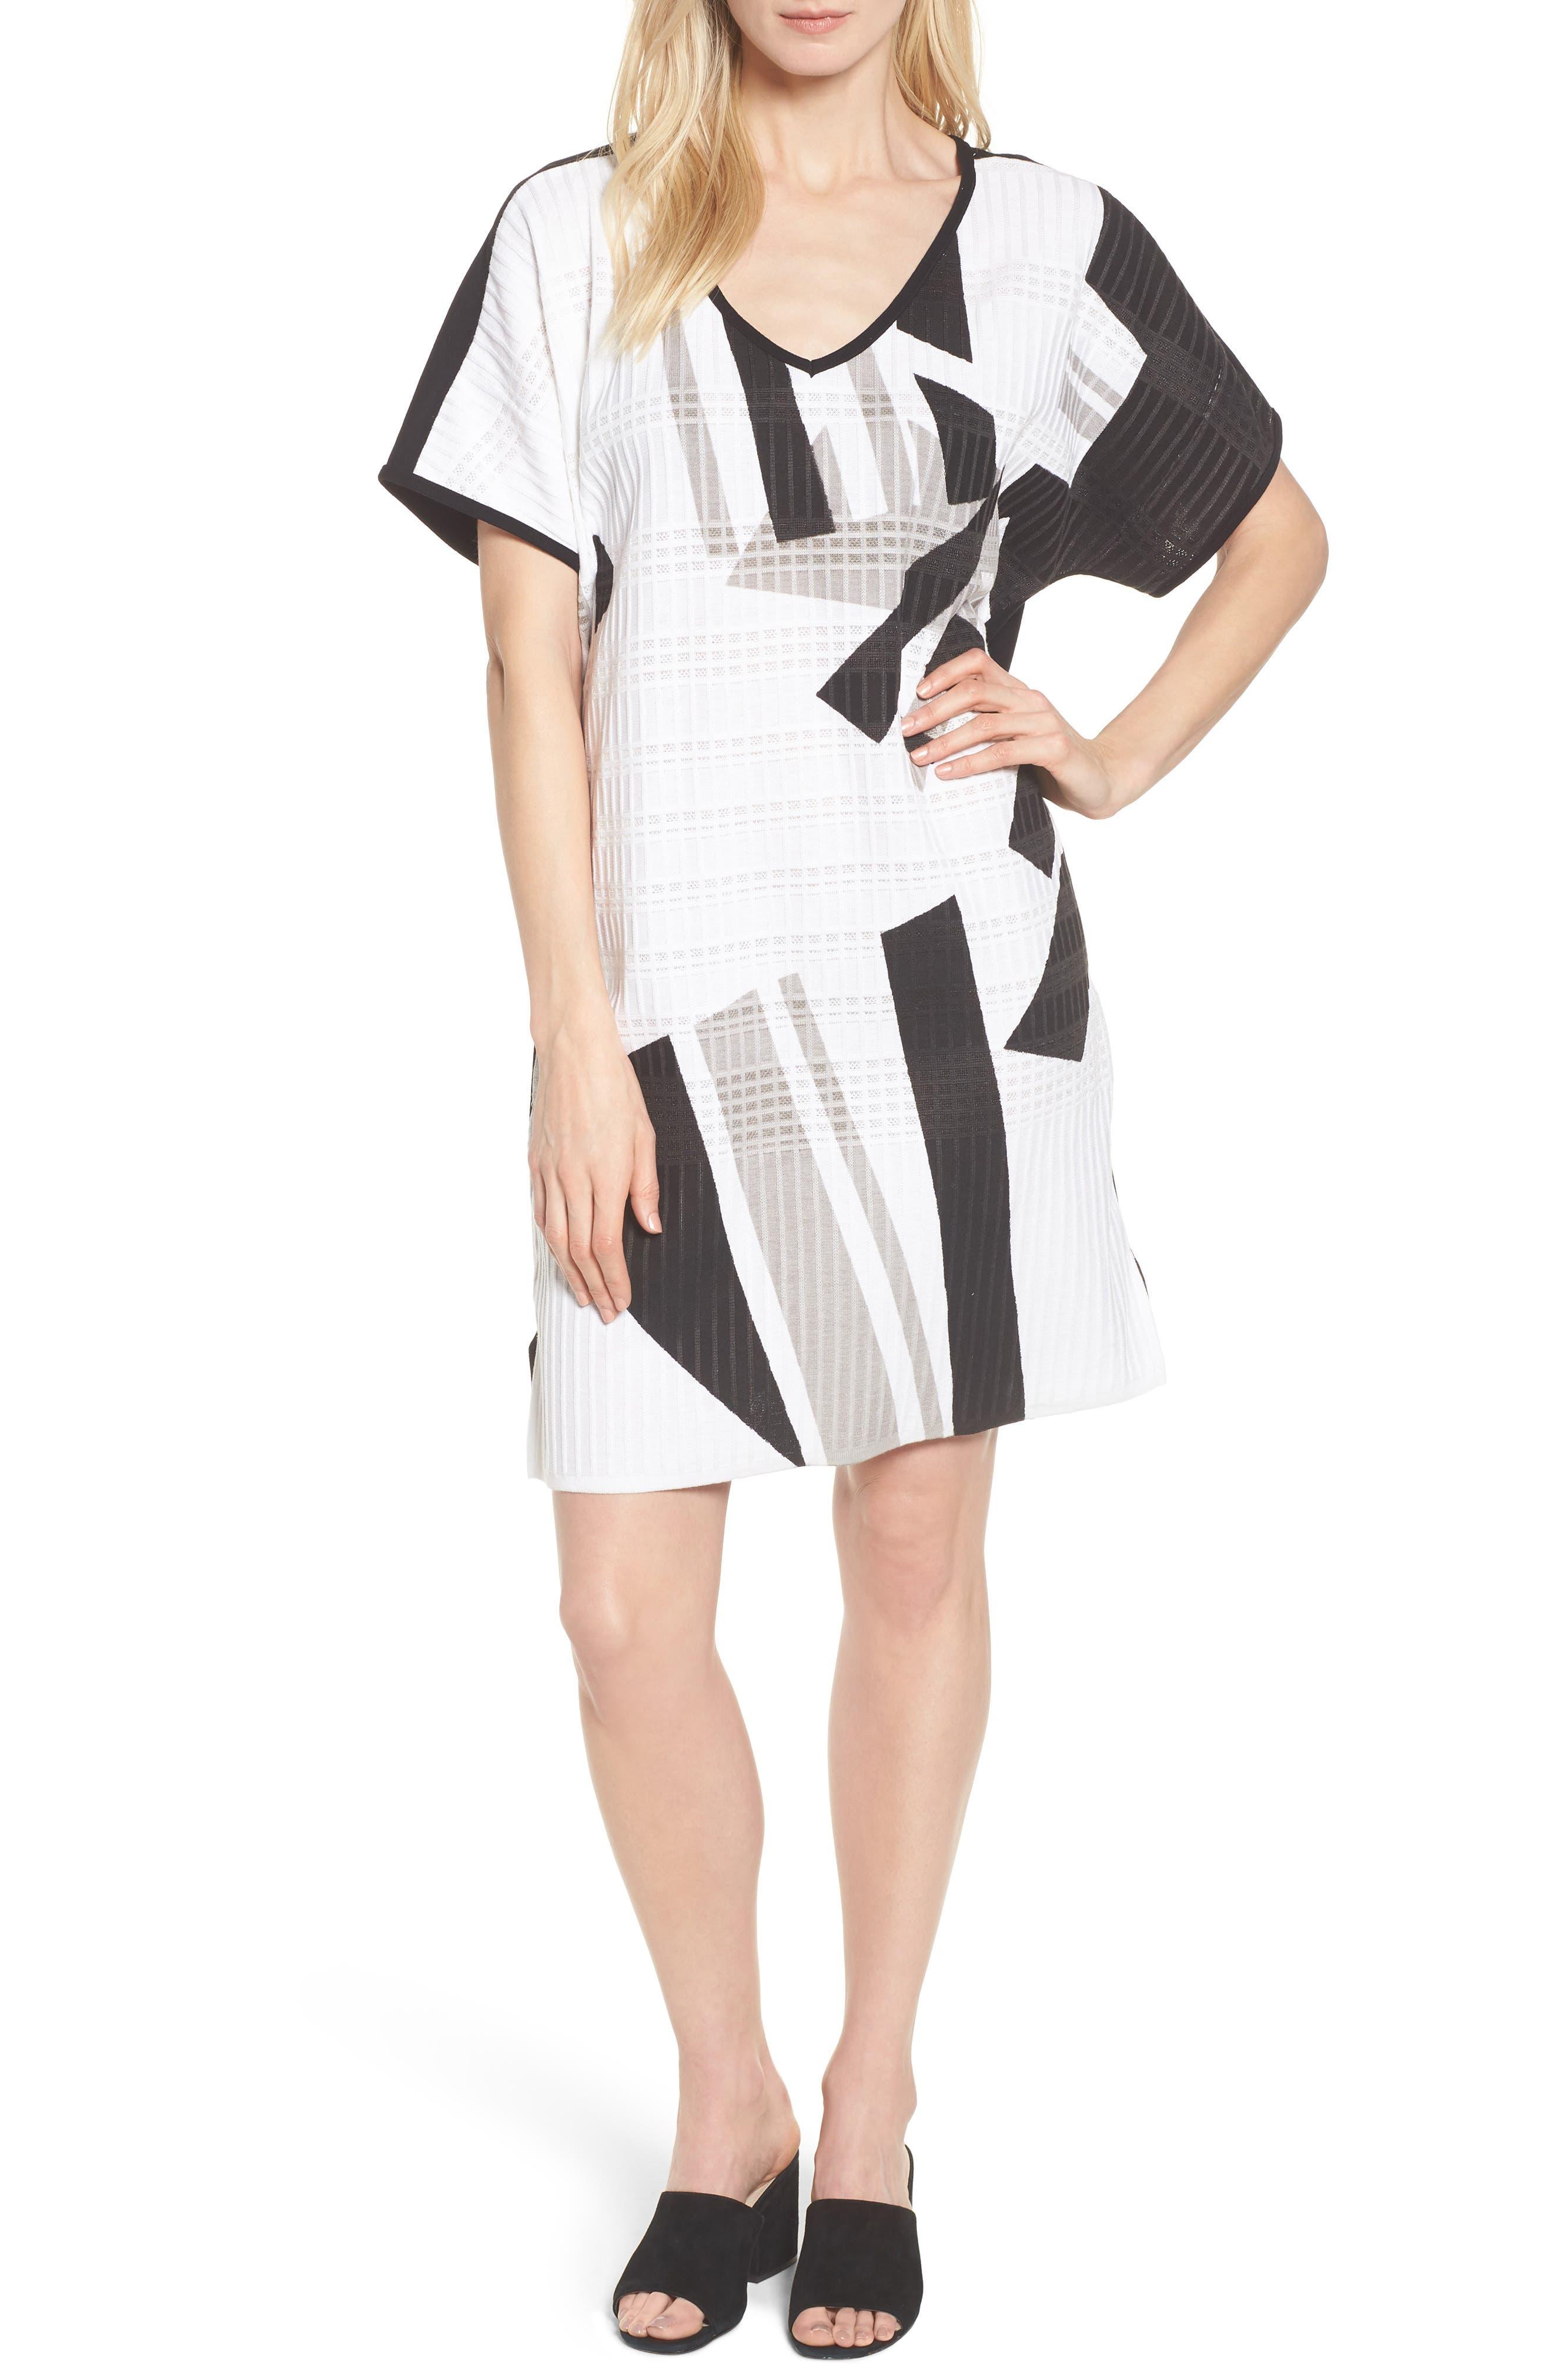 Geometric Jacquard Tunic Dress,                             Main thumbnail 1, color,                             White/ Almond Beige/ Black